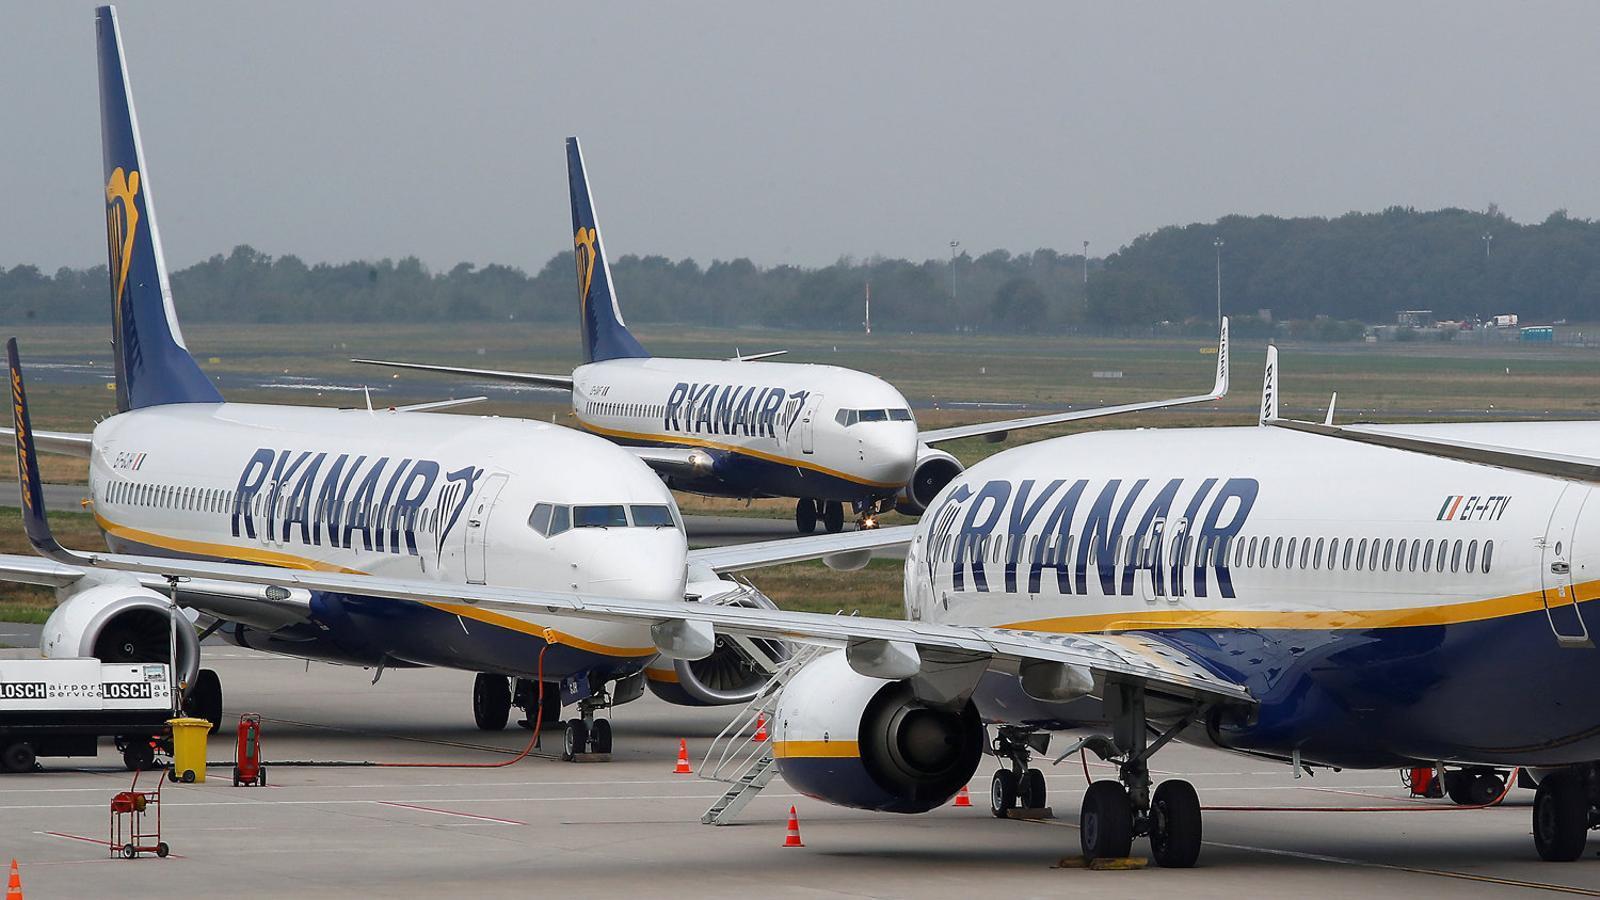 L'Estat ja actua contra les aerolínies: denuncia 17 companyies per no reemborsar els bitllets